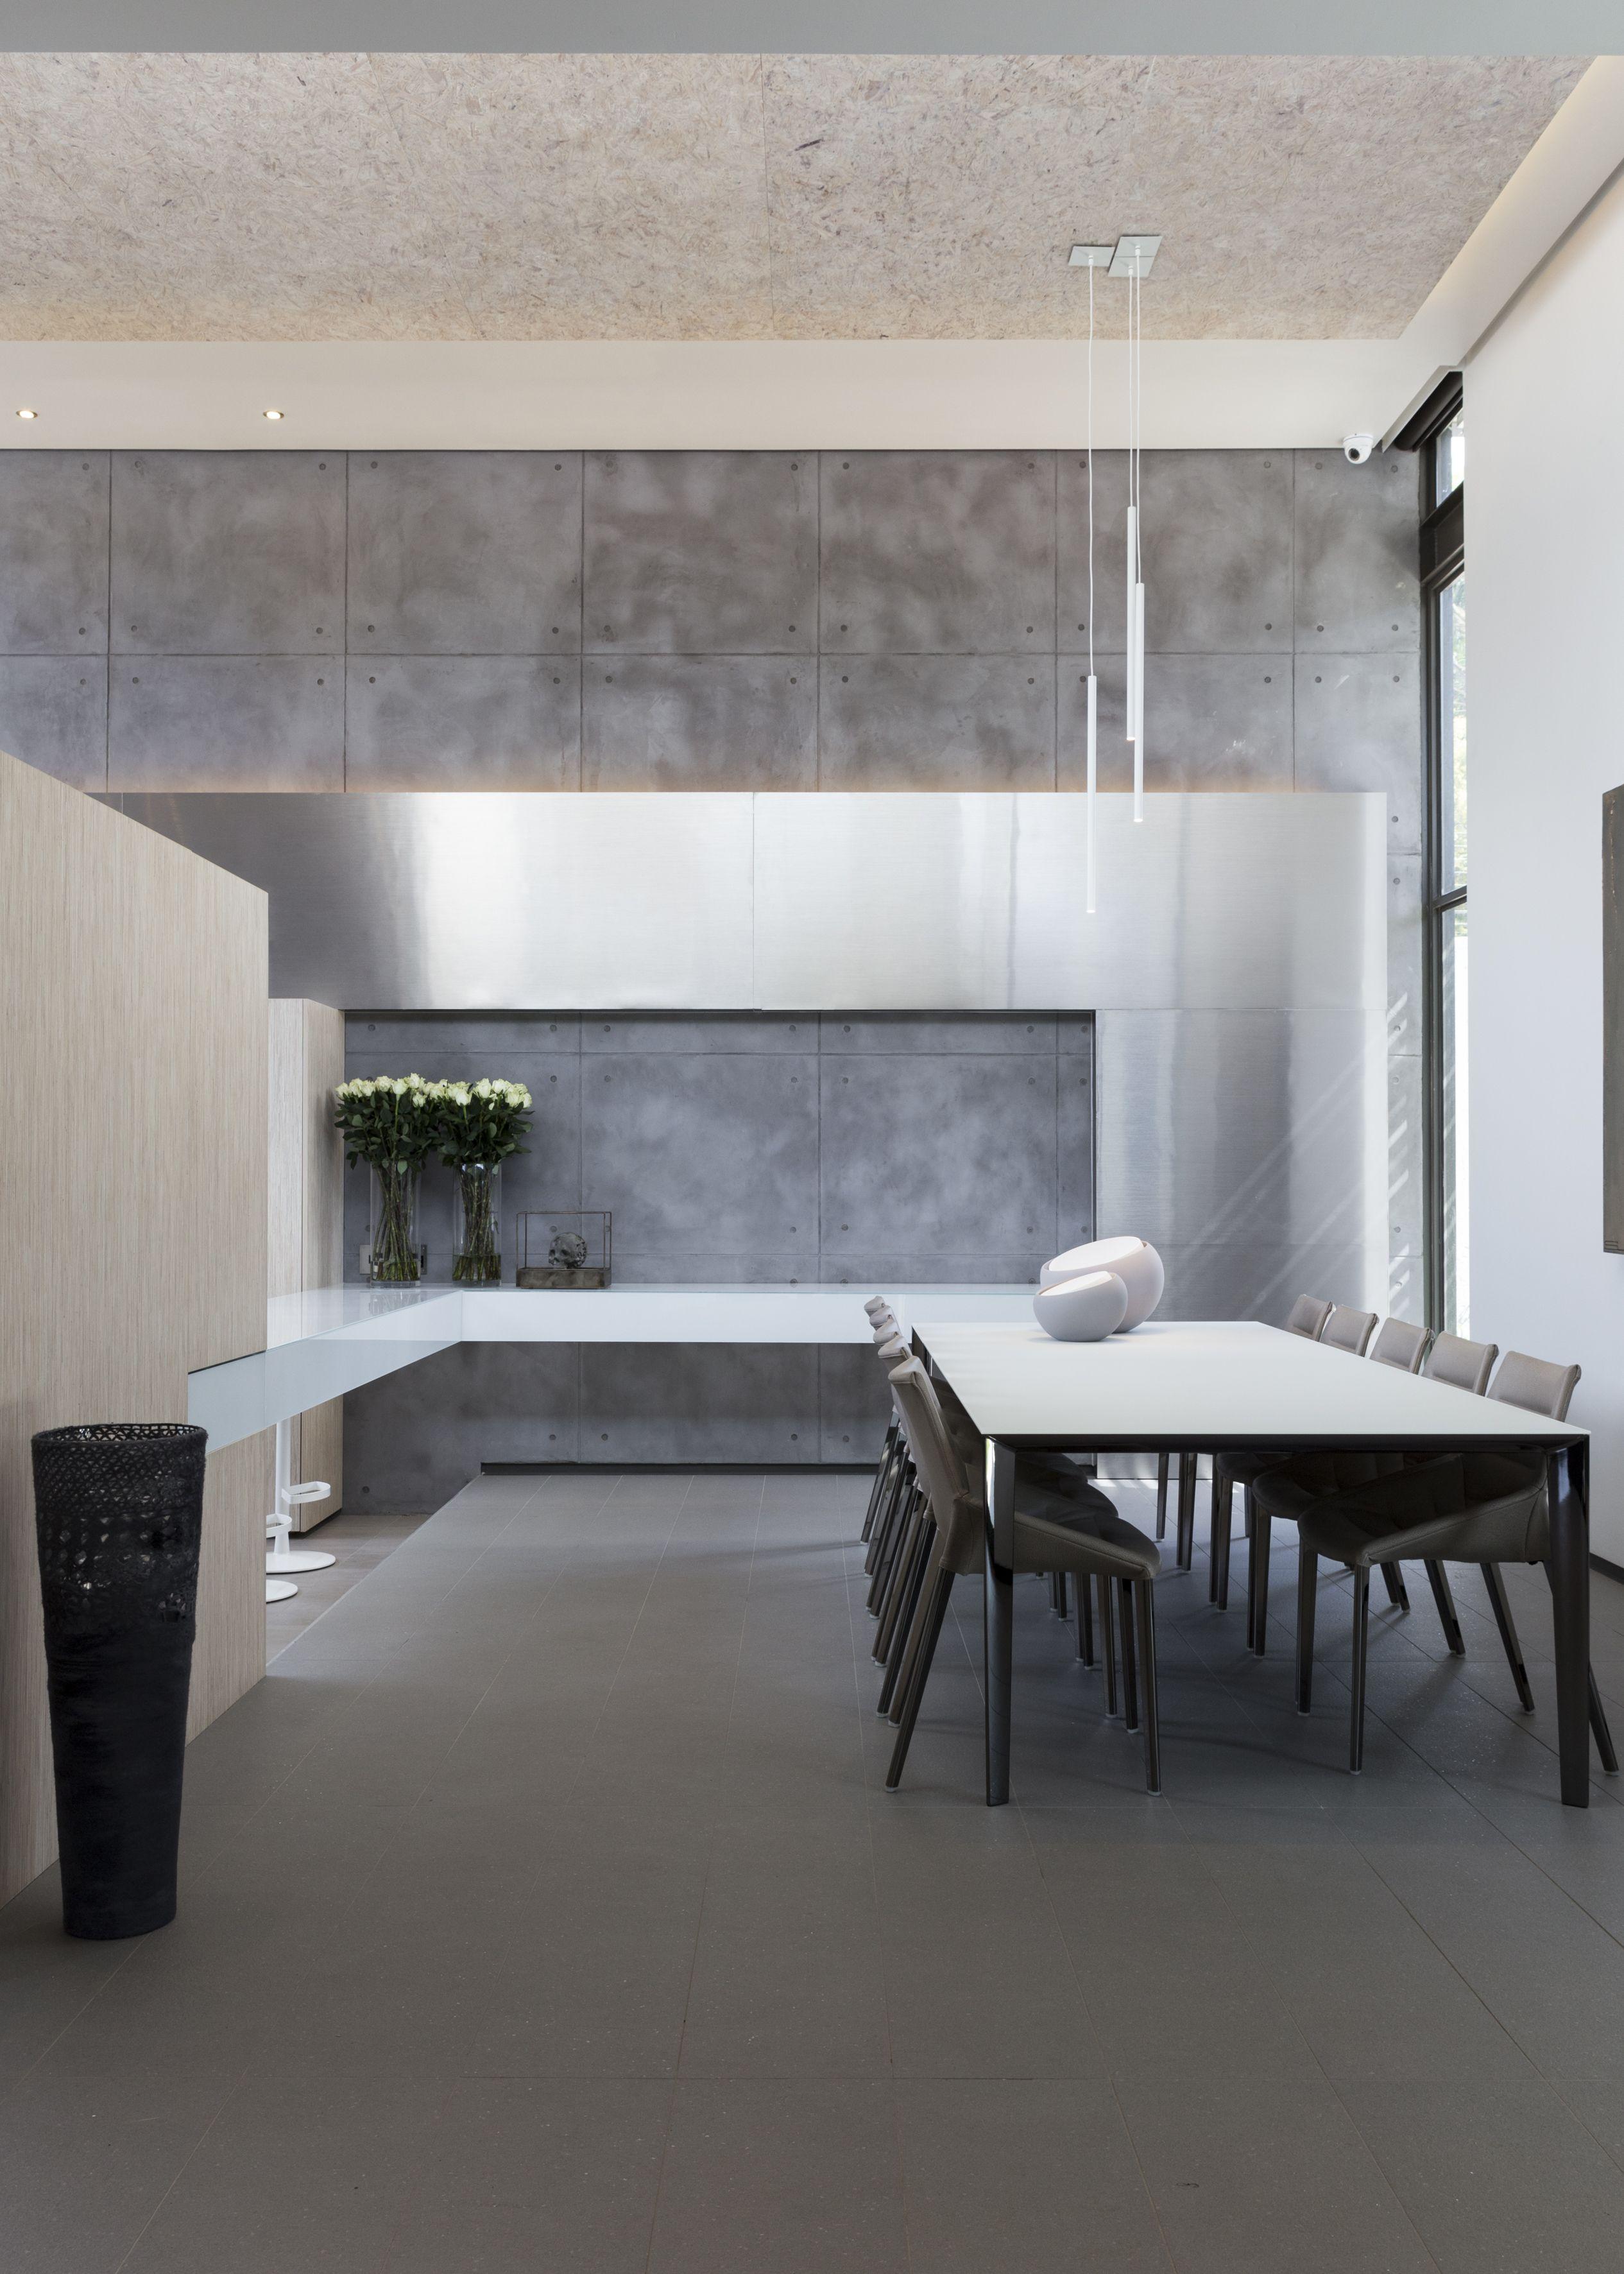 Inspiring Exterior Wall Light Fixtures 2017 Design: Off-shutter Cement Wall Created By Using Cemcrete